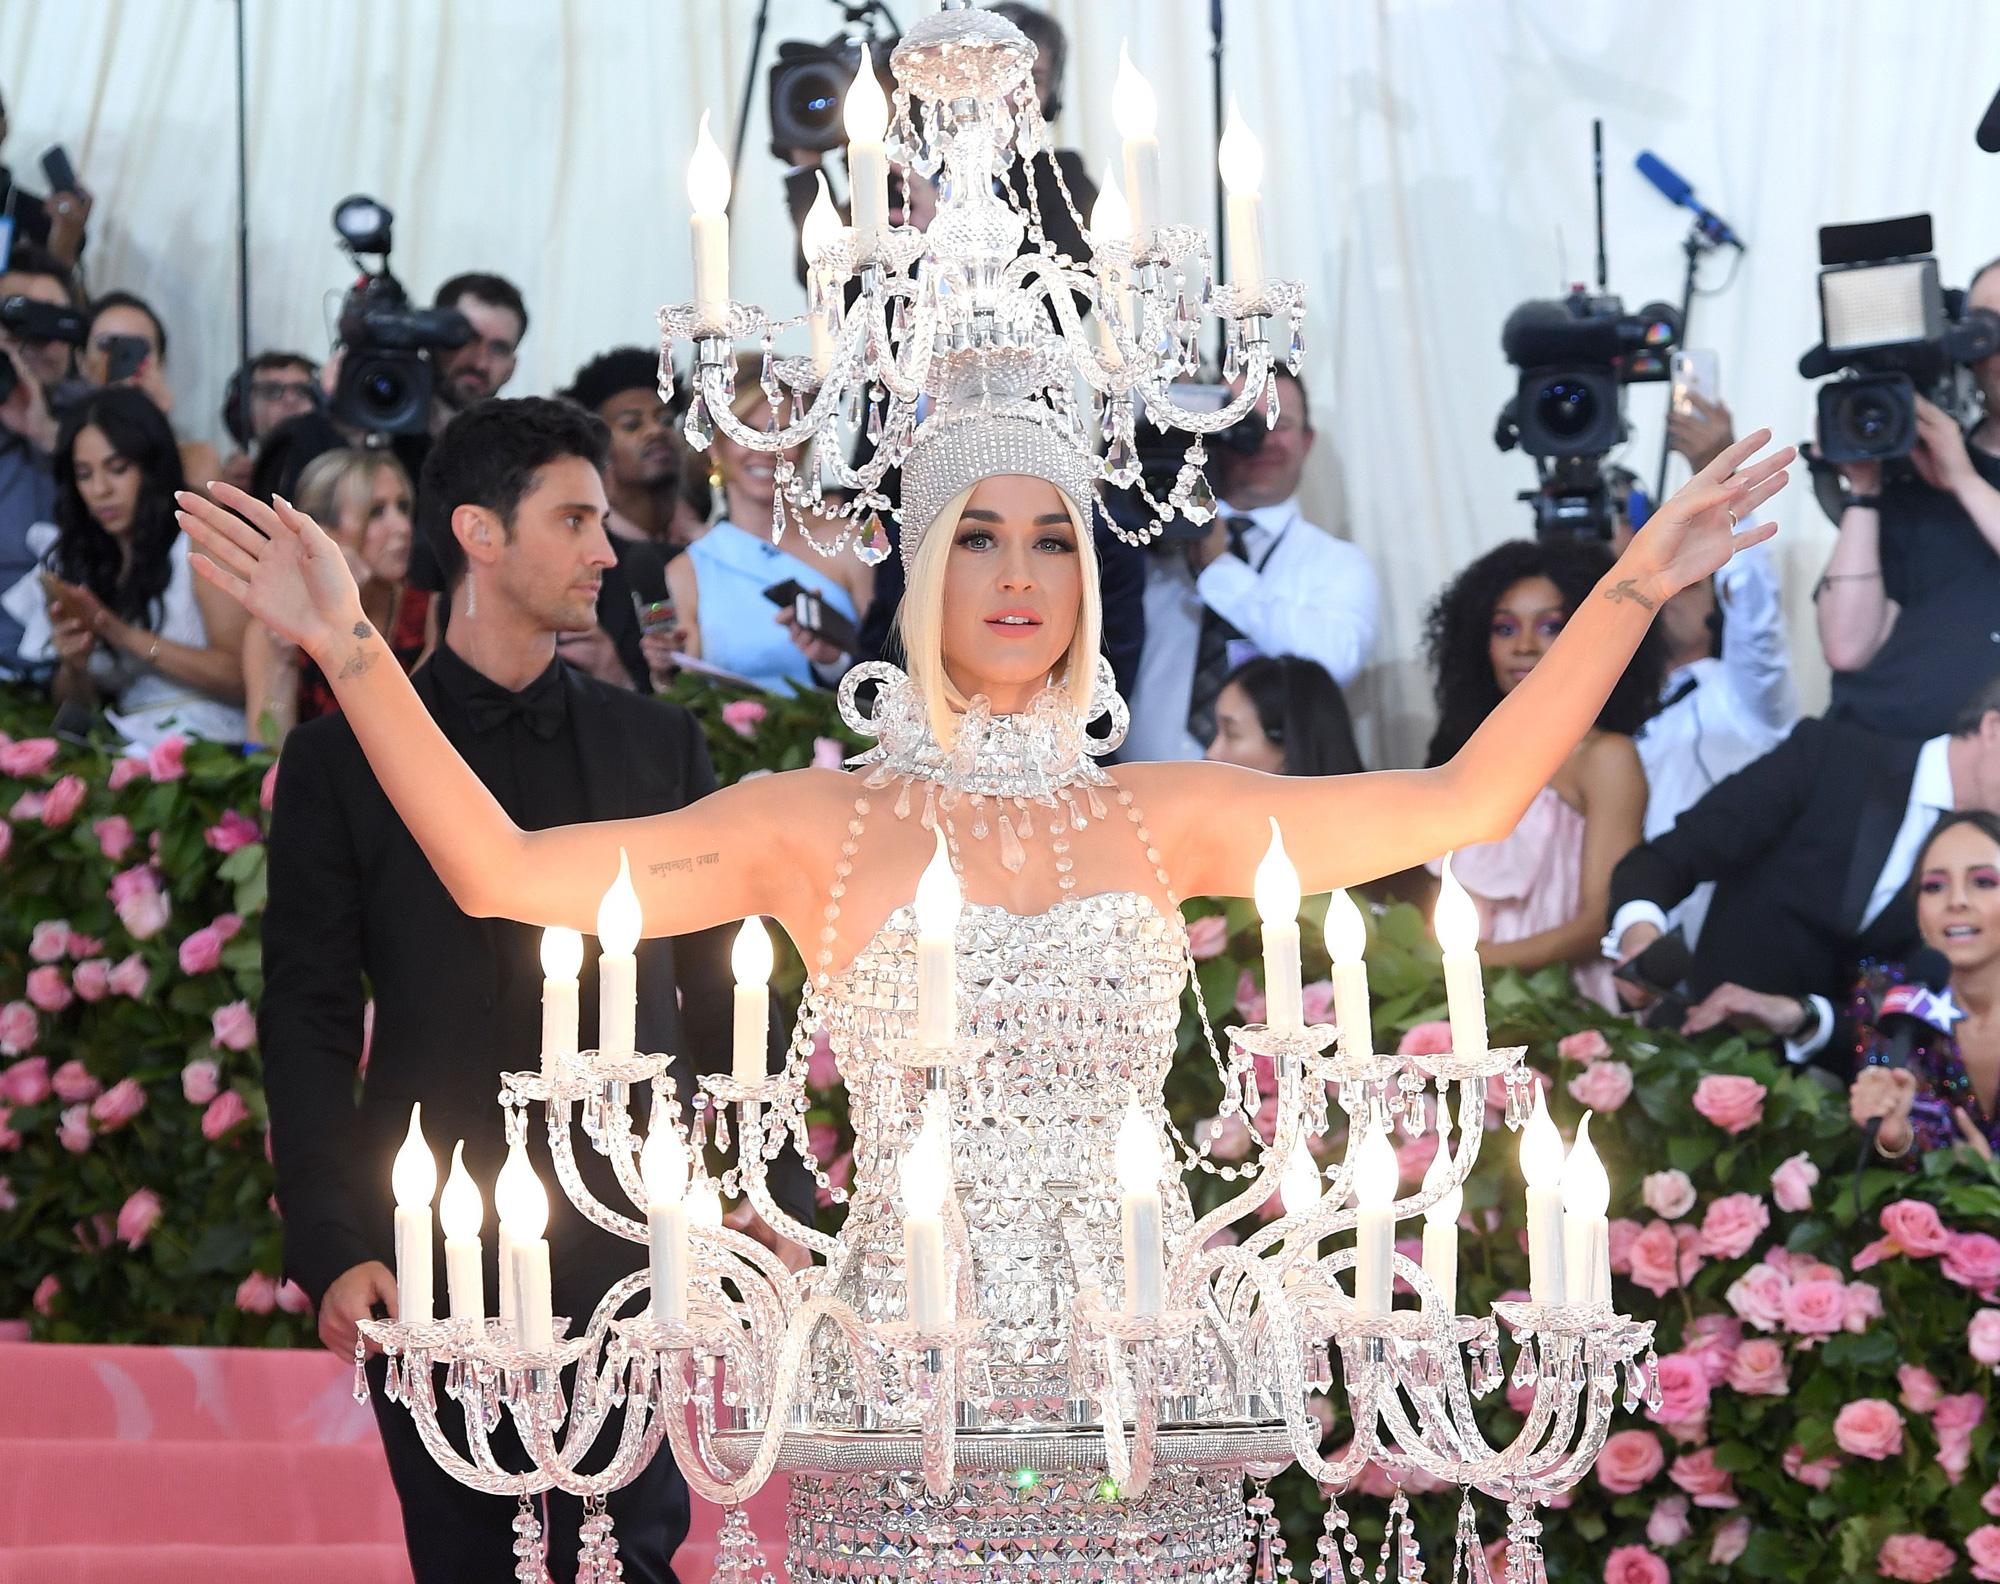 Nữ hoàng thảm đỏ Met Gala: Rihanna - Lady Gaga thi nhau combo độc - dị - lố, choáng nhất là Cardi B phô diễn body với bộ đồ 11 tỷ - Ảnh 25.